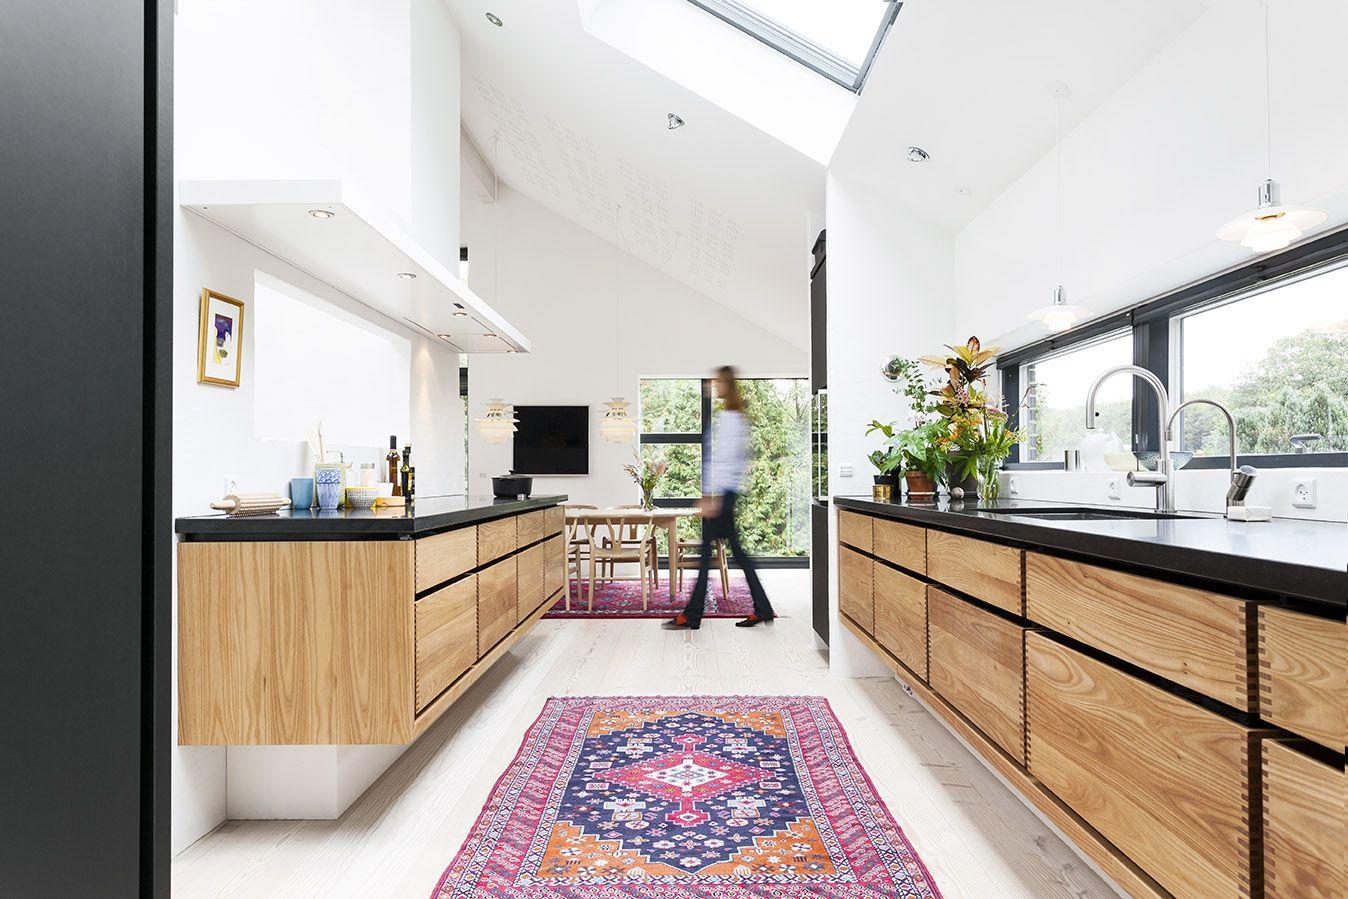 Keuken Met Dakraam : Zwarte keuken van deense juwelier annette interieur inrichting